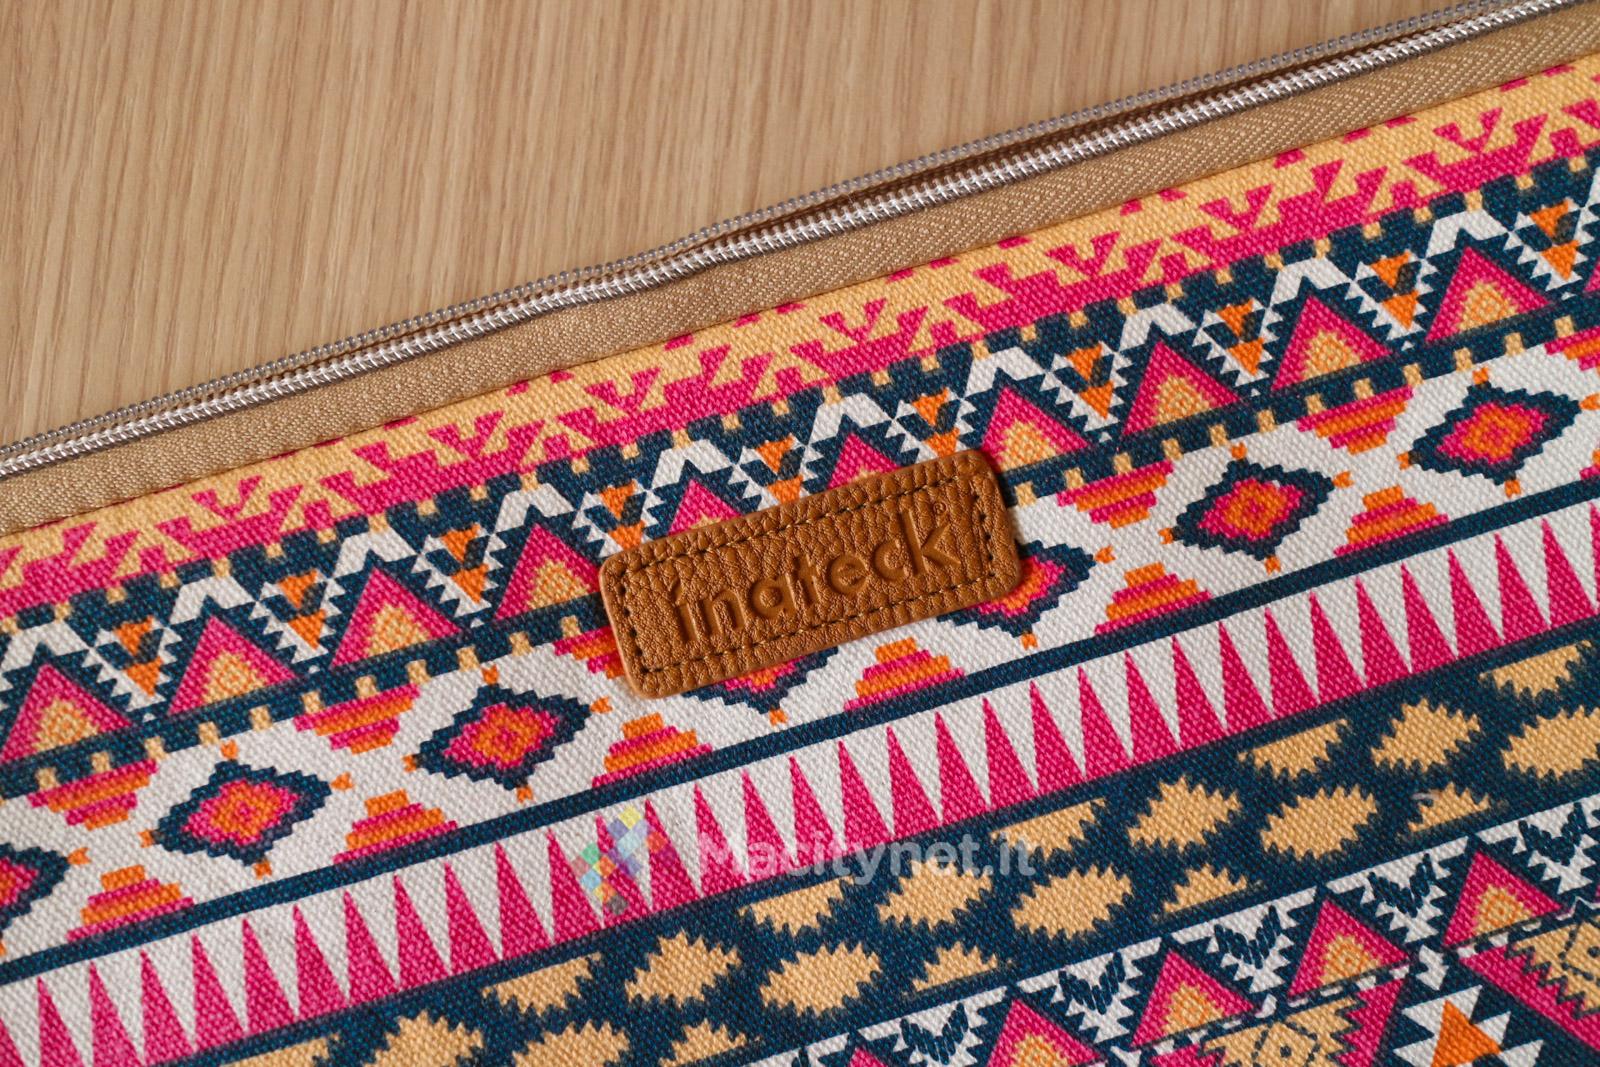 Recensione borsa inateck per computer 13 39 39 stile boh mien for Bagaglio a mano con custodia per laptop rimovibile